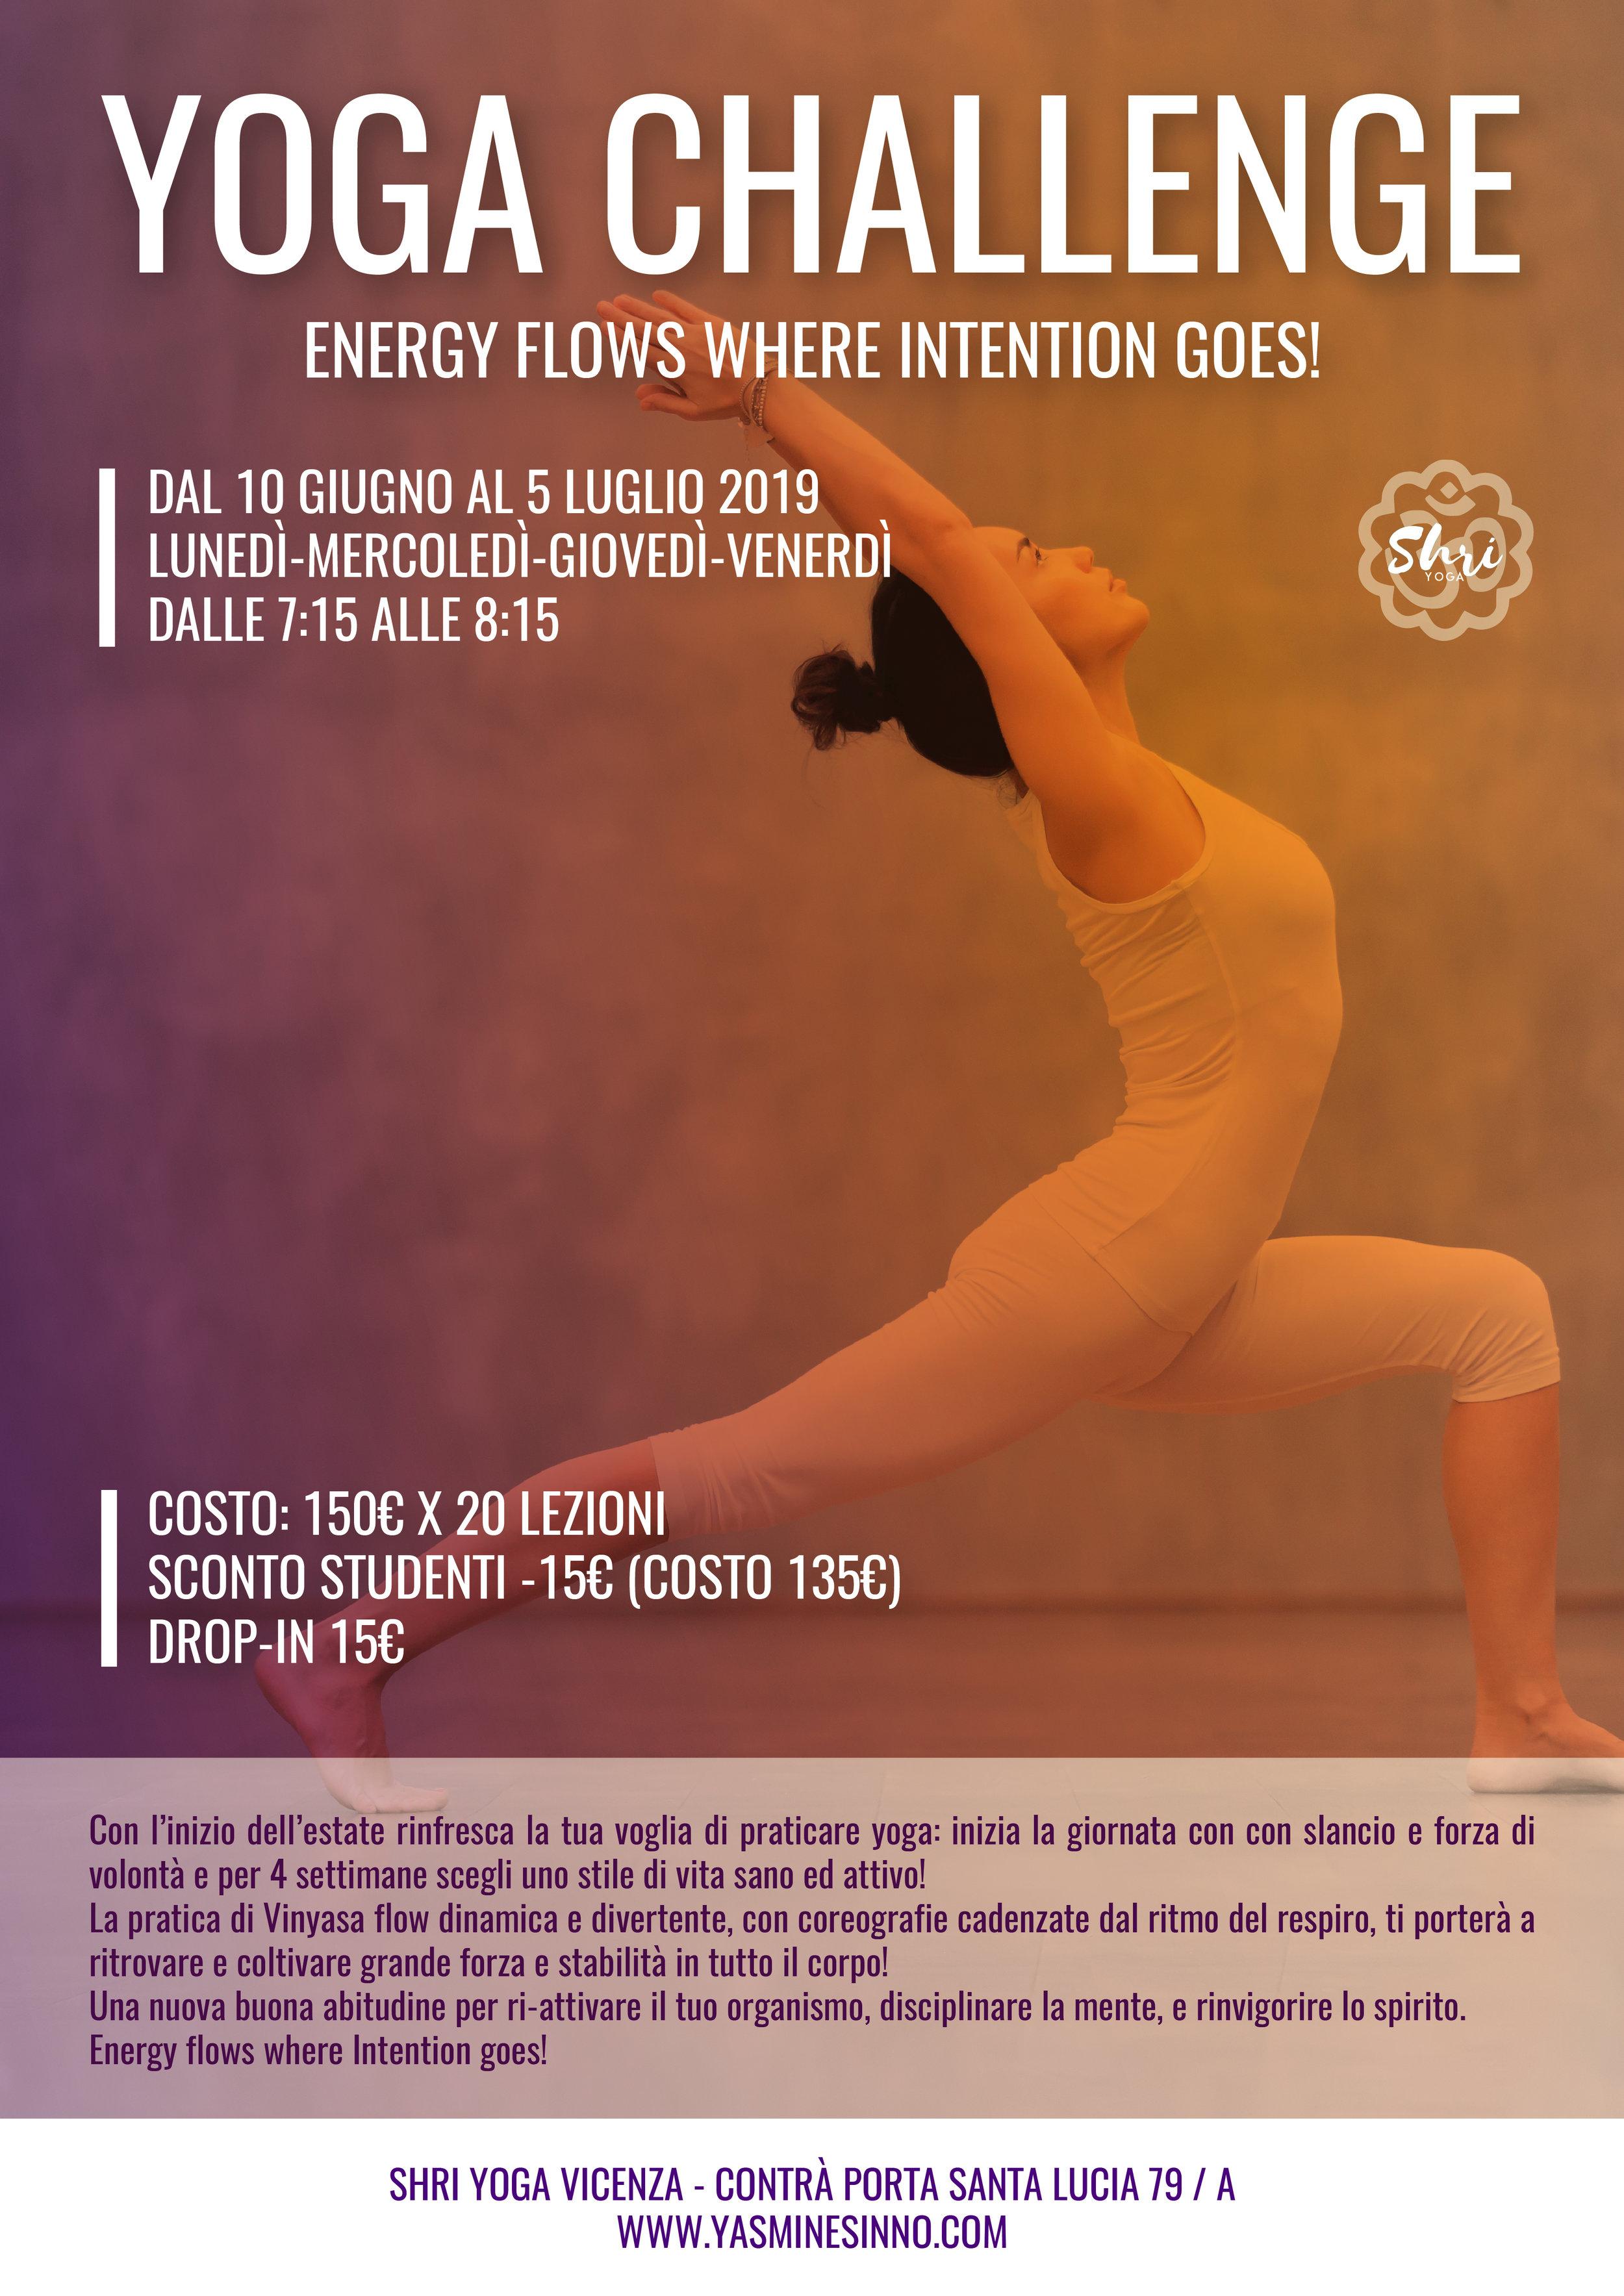 Volantino Yoga Vy.ai_Tavola disegno 1 copia 3.jpg